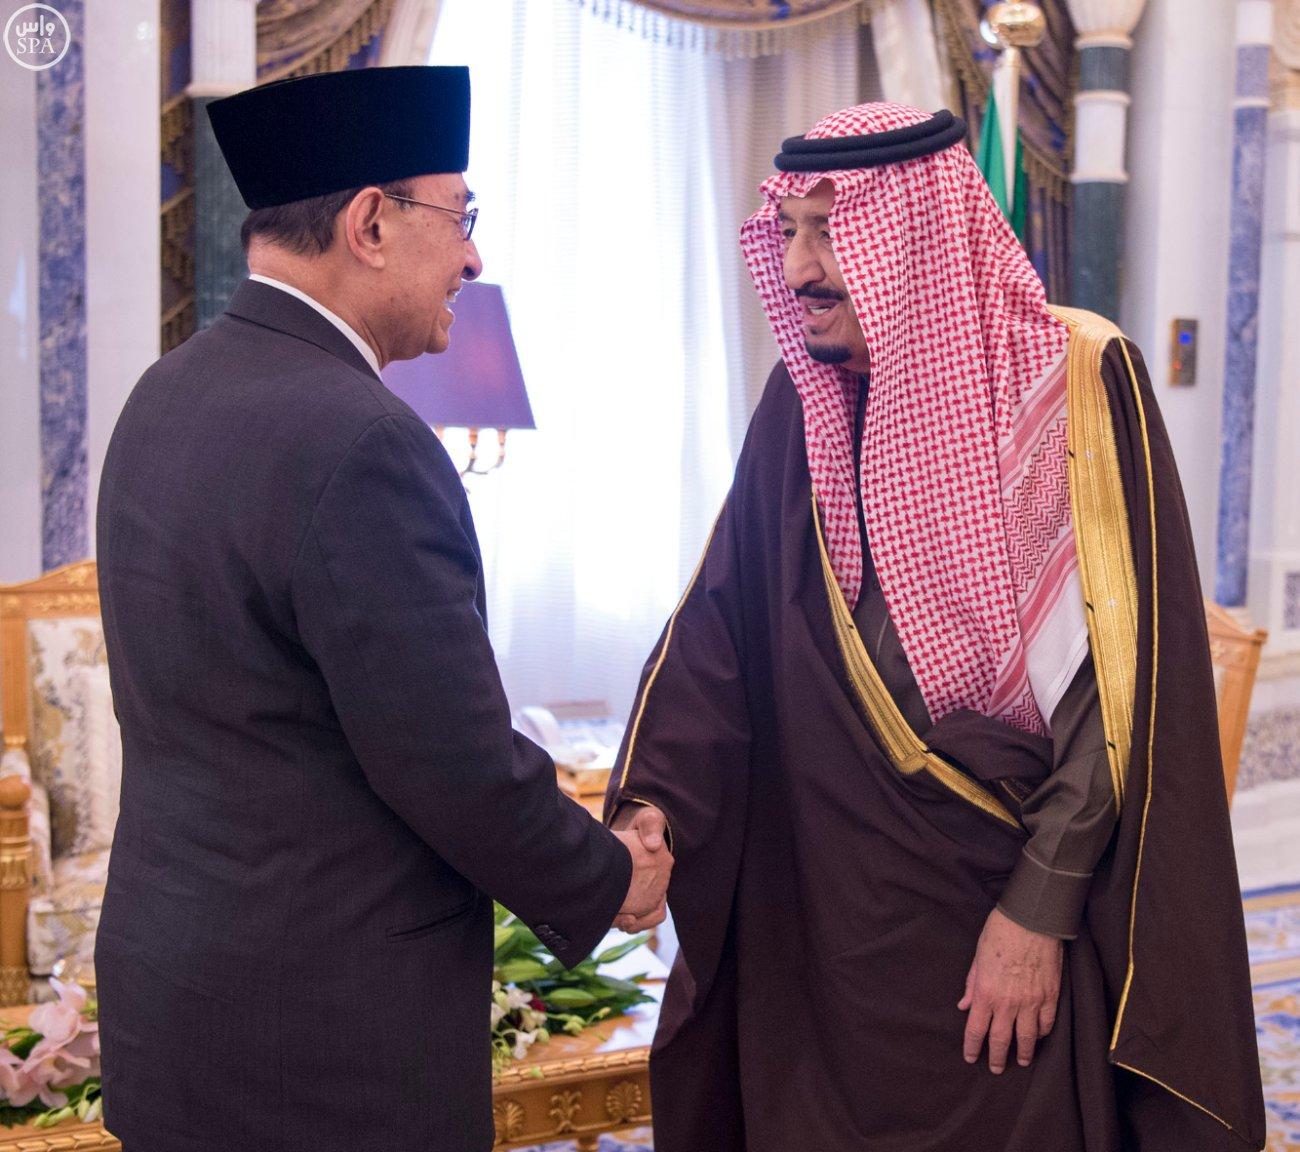 الملك سلمان يستلم رسالة من رئيس اندنوسيا